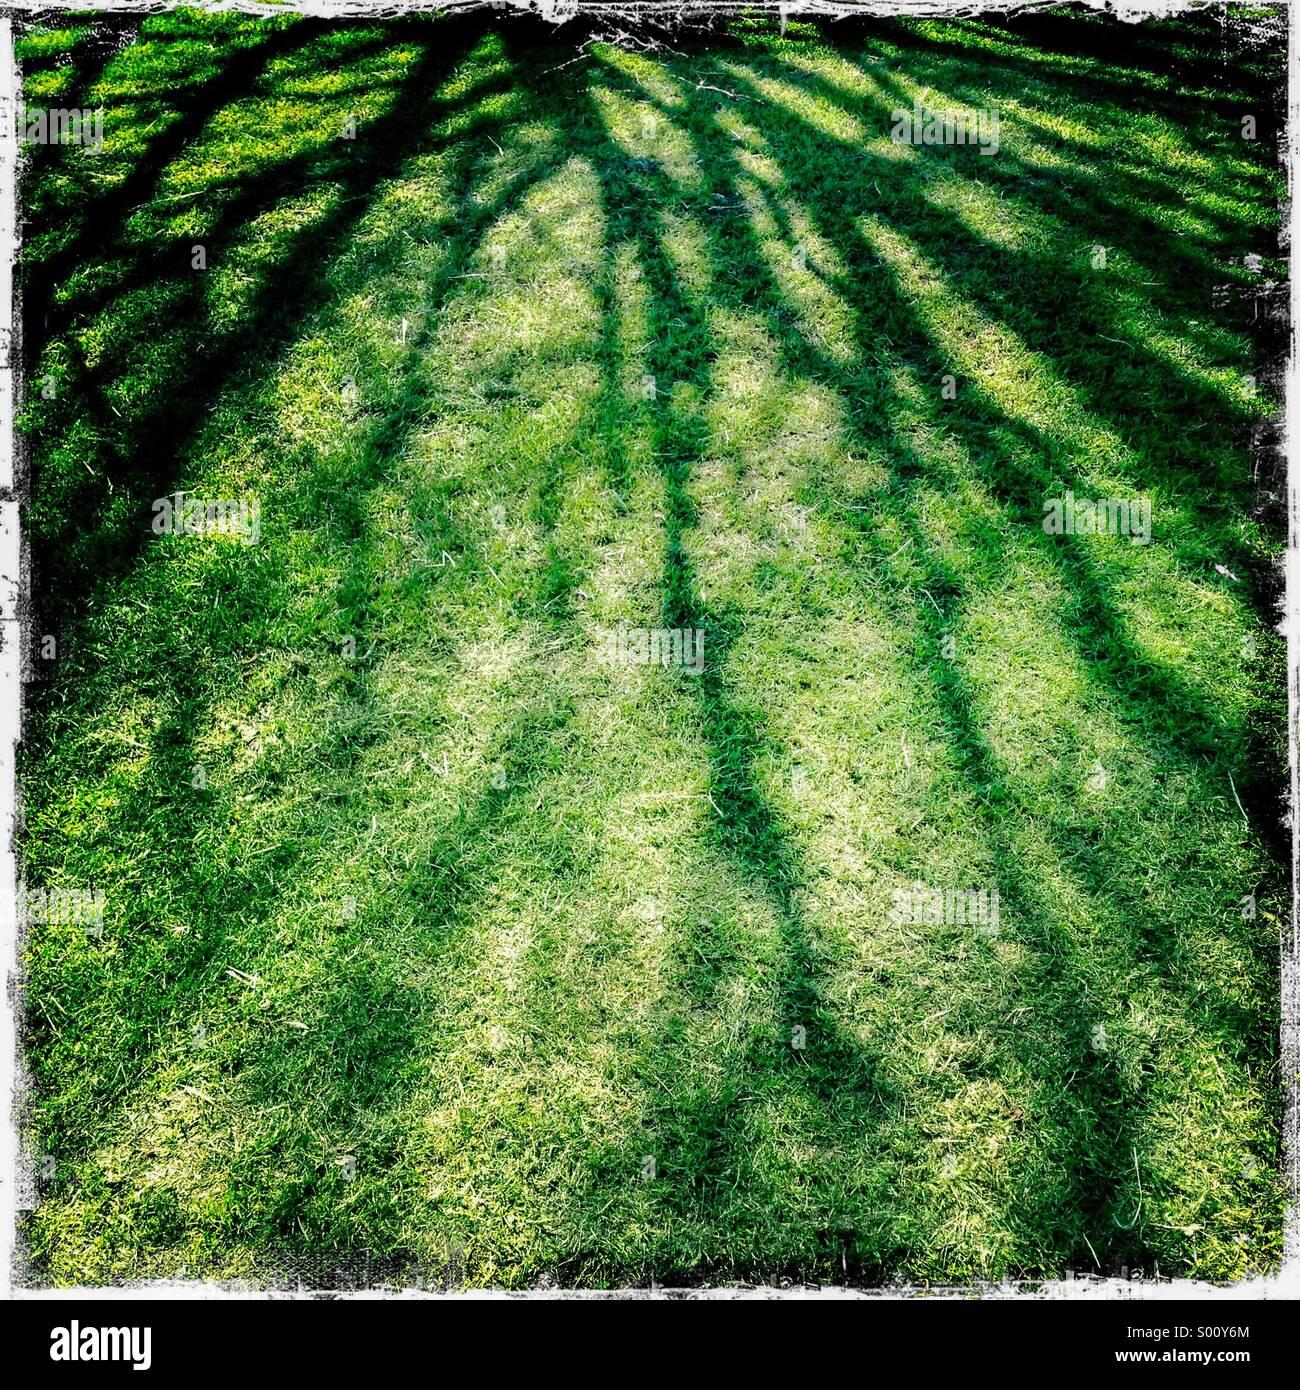 Abstract ombra di rami di alberi sul prato. Hipstamatic, iPhone. Immagini Stock